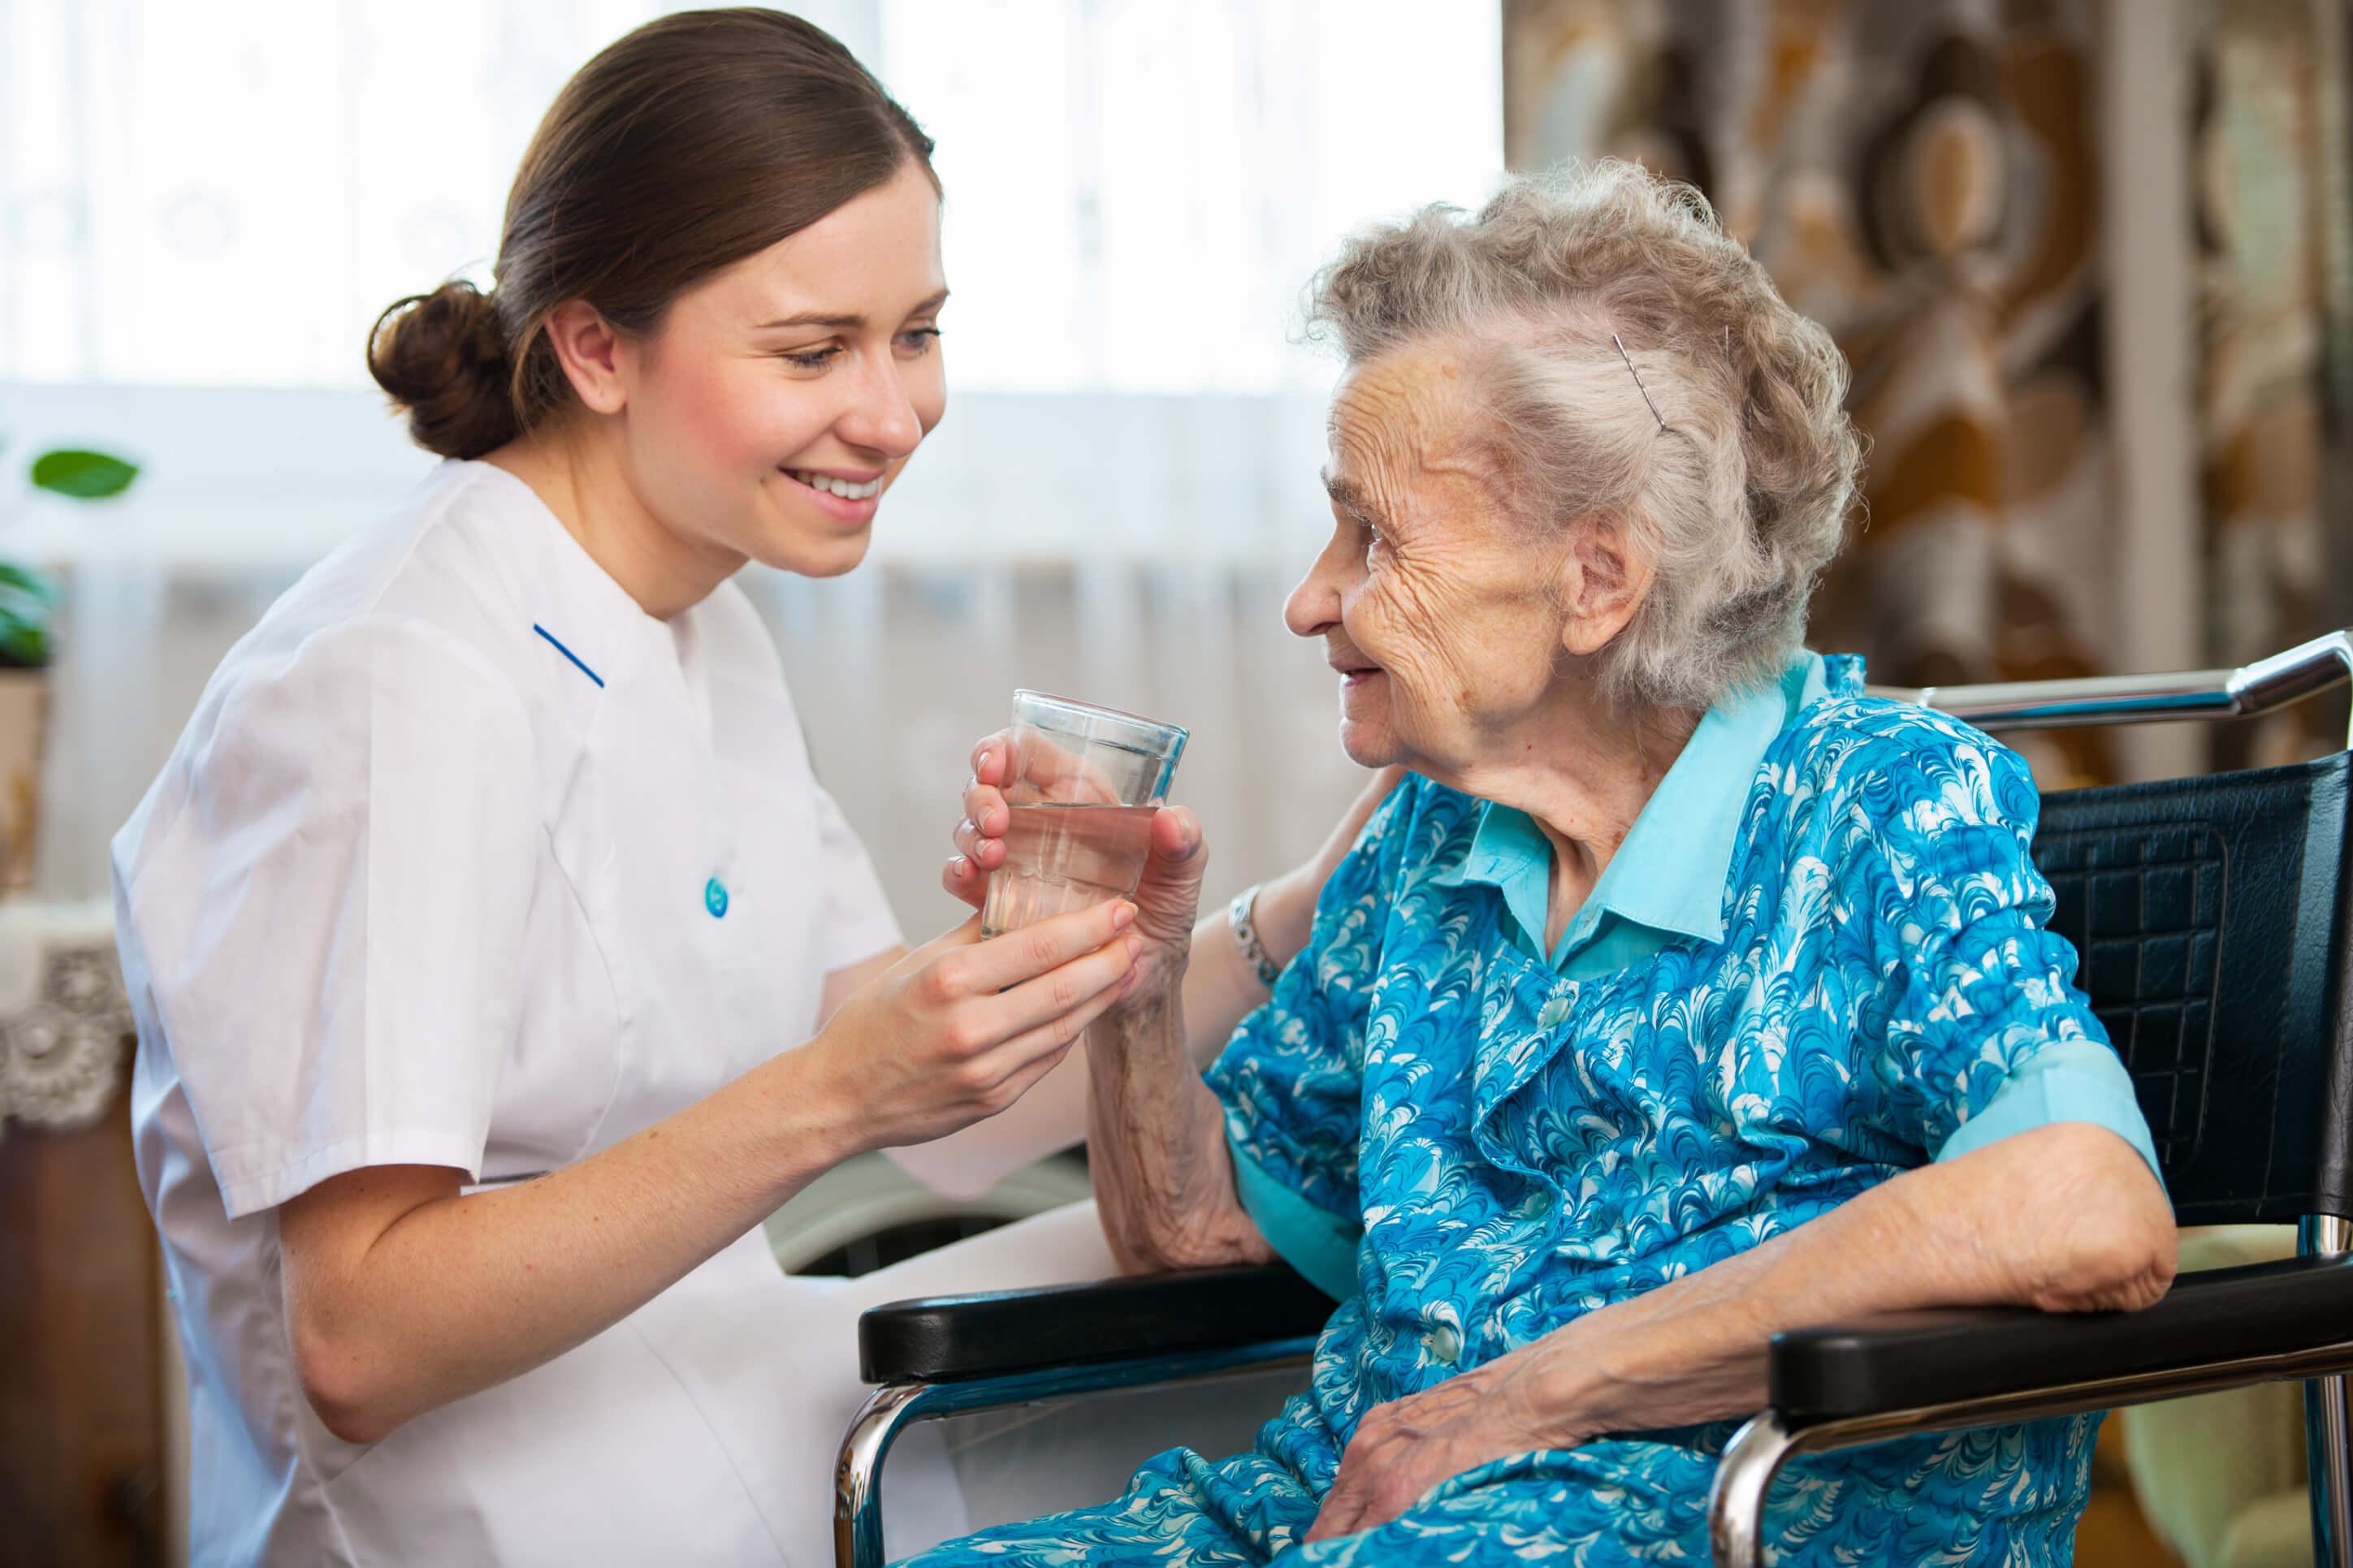 Initial Care Services Nurse